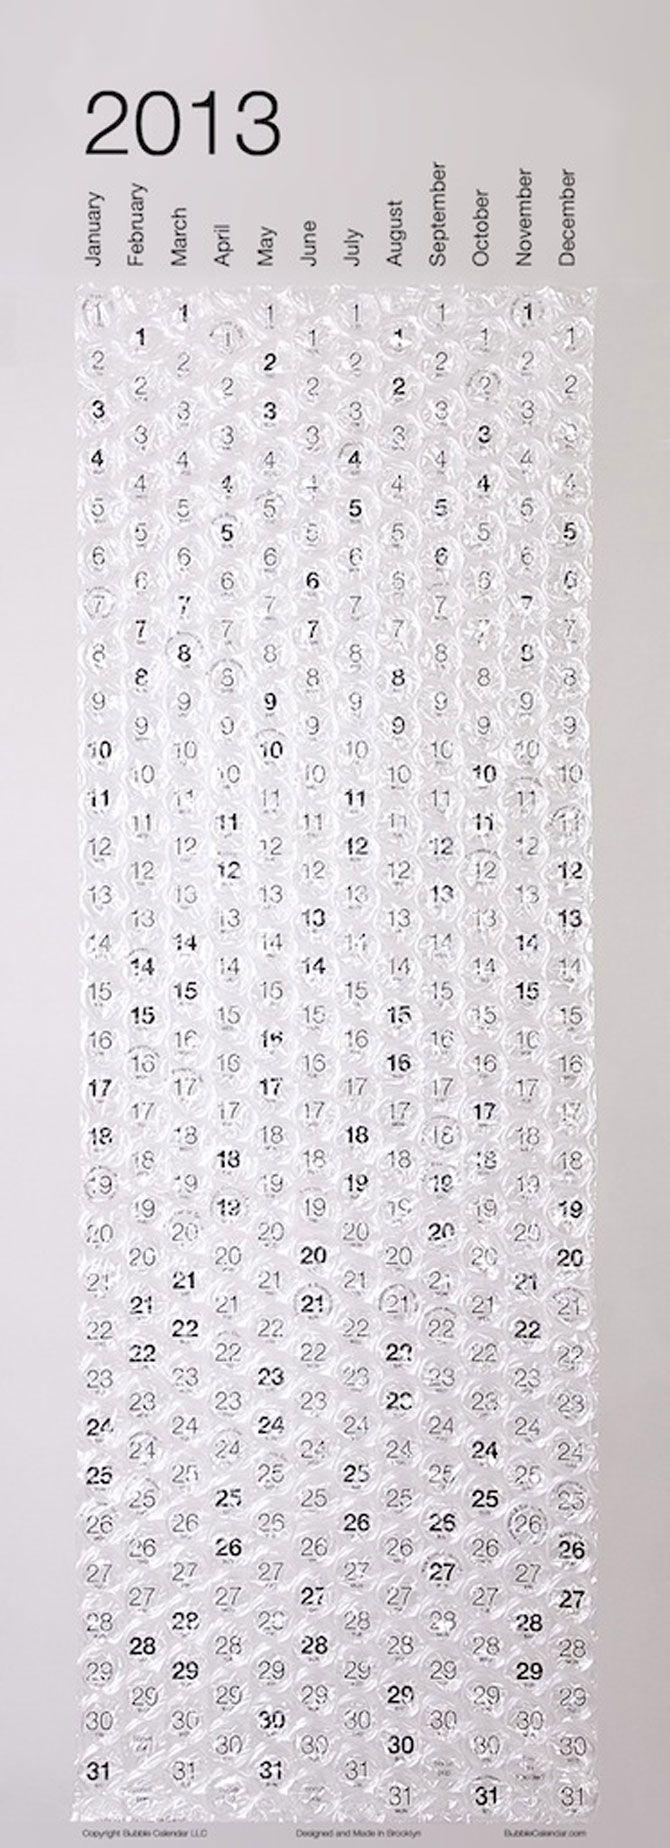 9 calendare creative pentru 2013